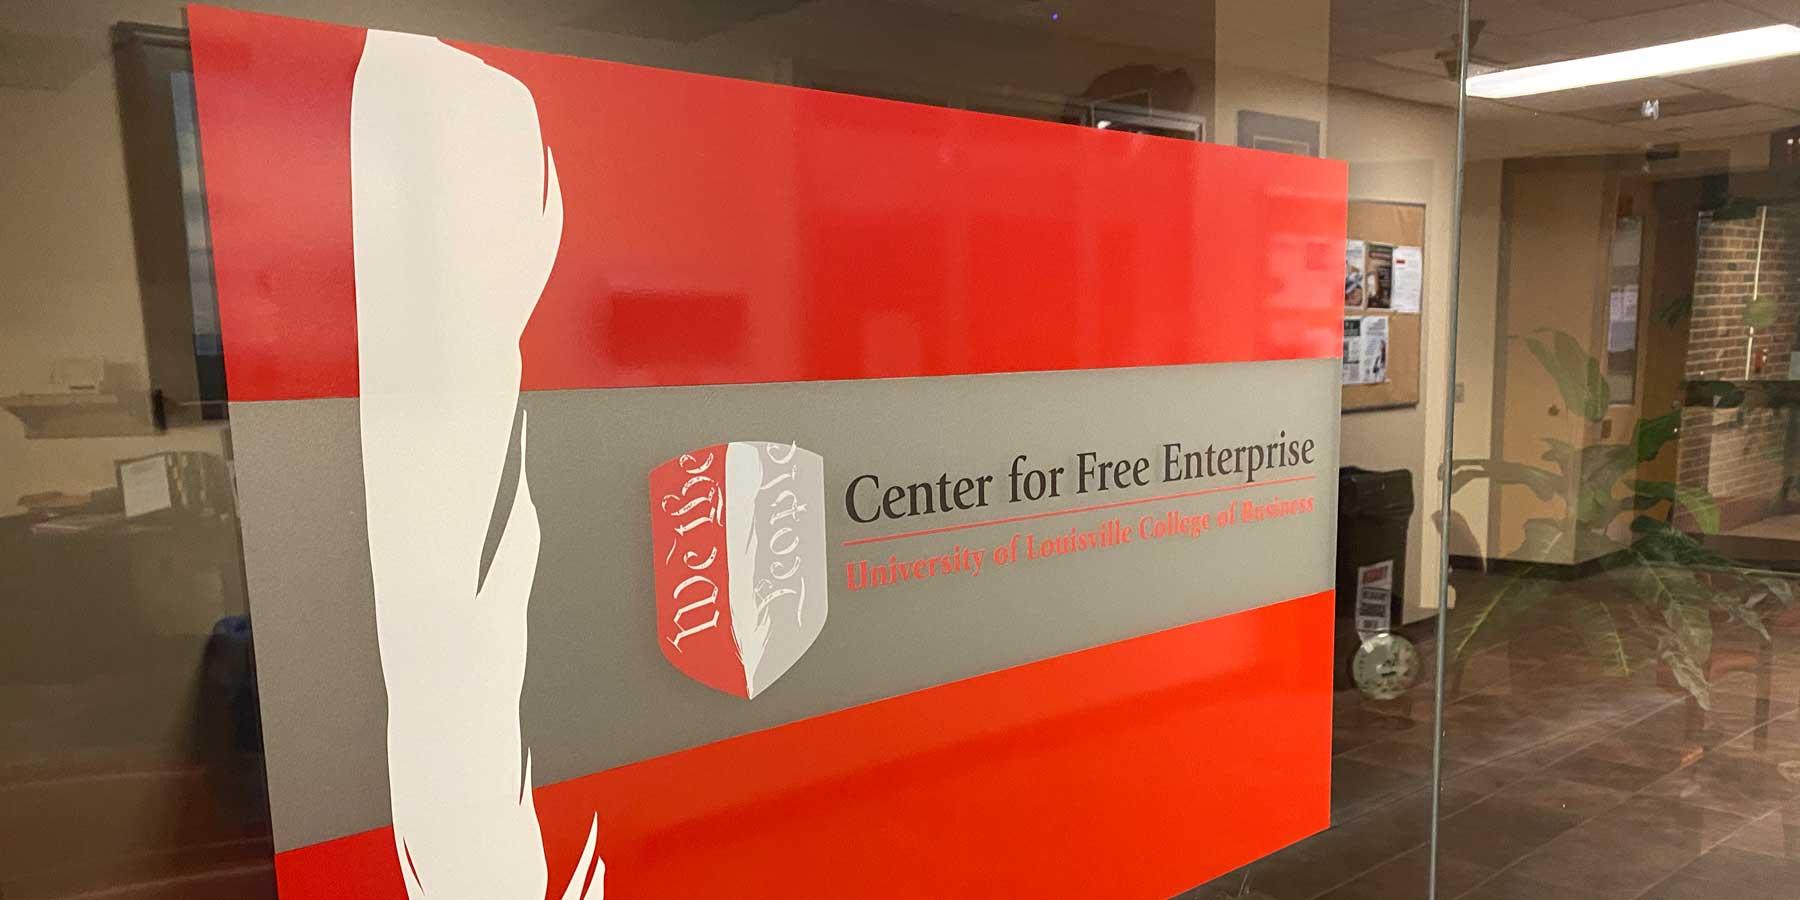 Center for Free Enterprise